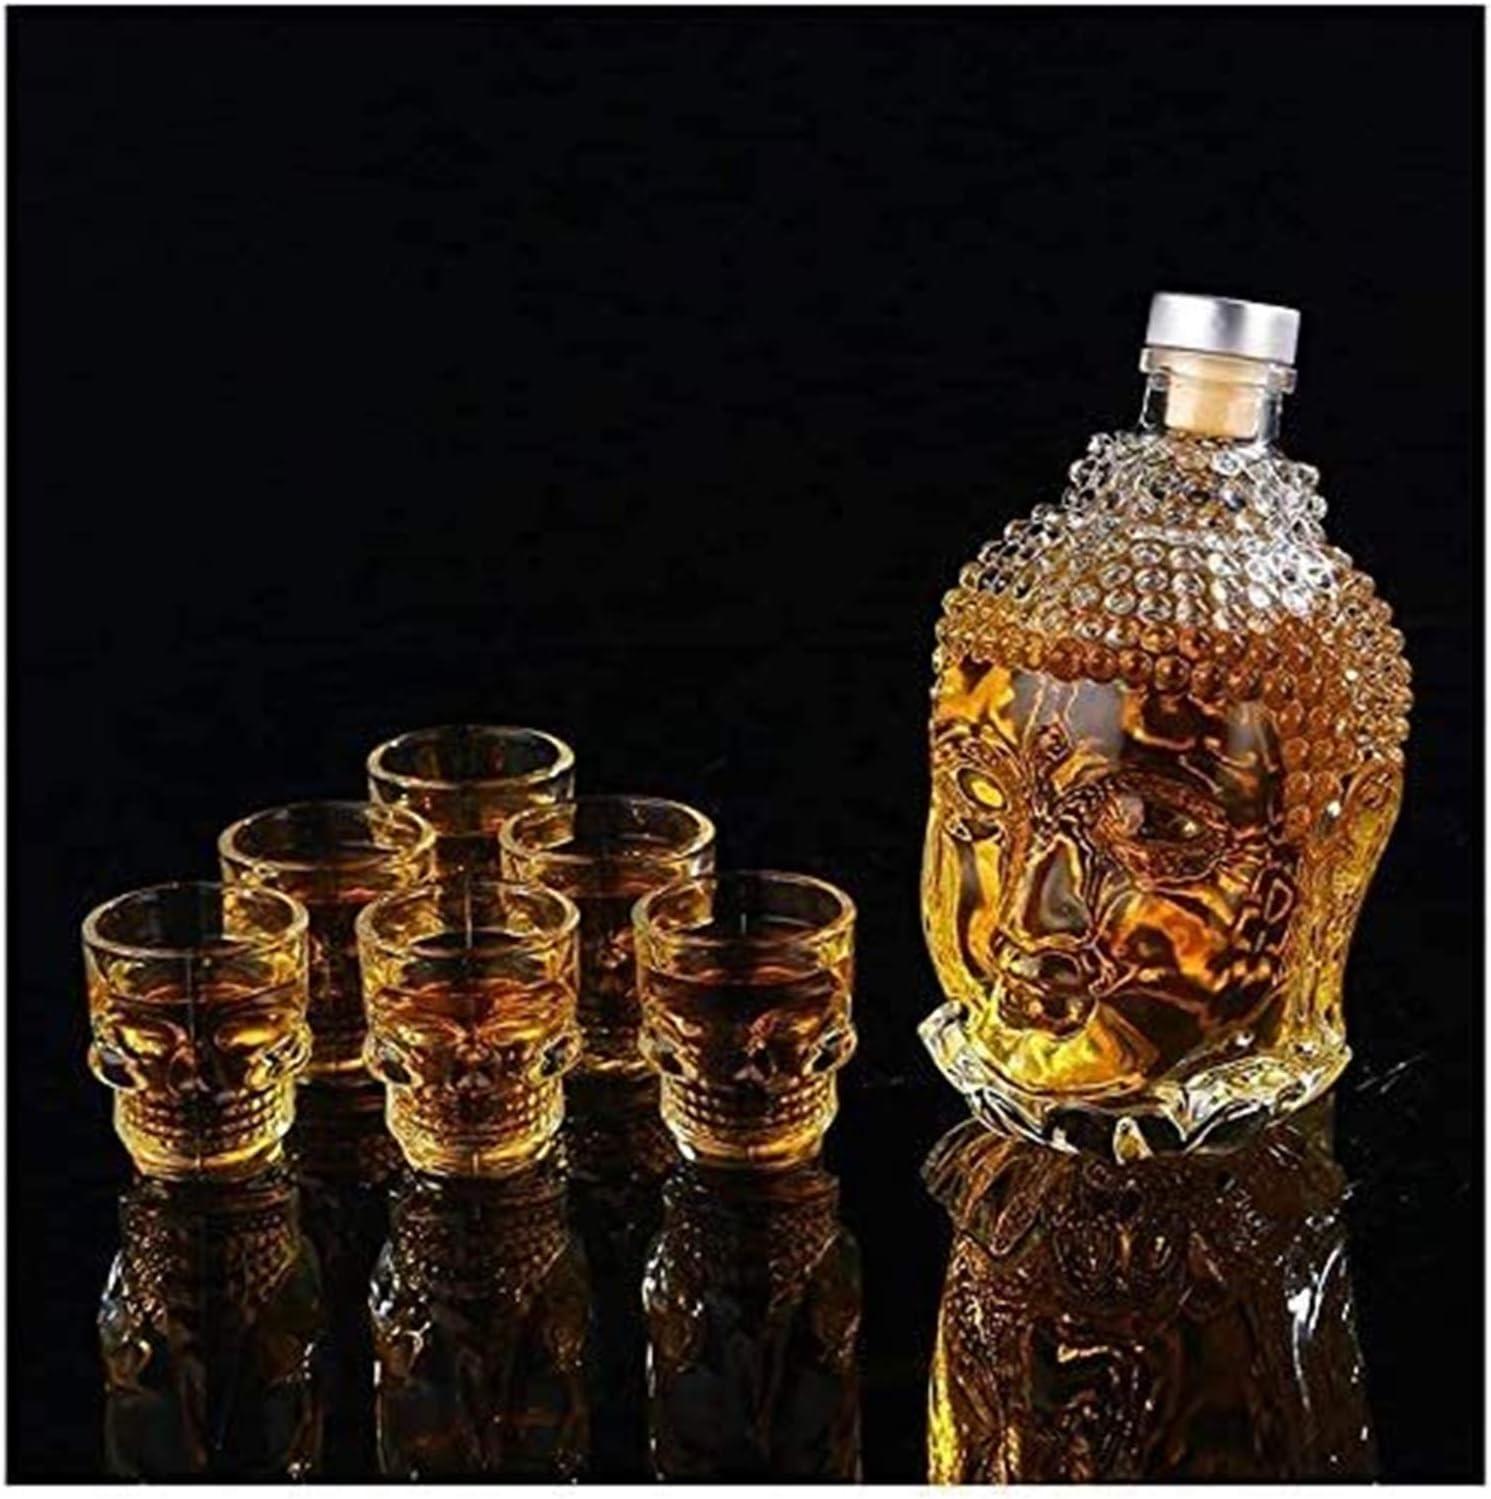 Casual Buddha Forma De Cabeza Whiskey Decanter 750ml Botella De Agua Cristal De Cristal Líder Gratis para Licor Gin Bourbon Scotch Vodka 12x20cm MUMUJIN (Color : C)